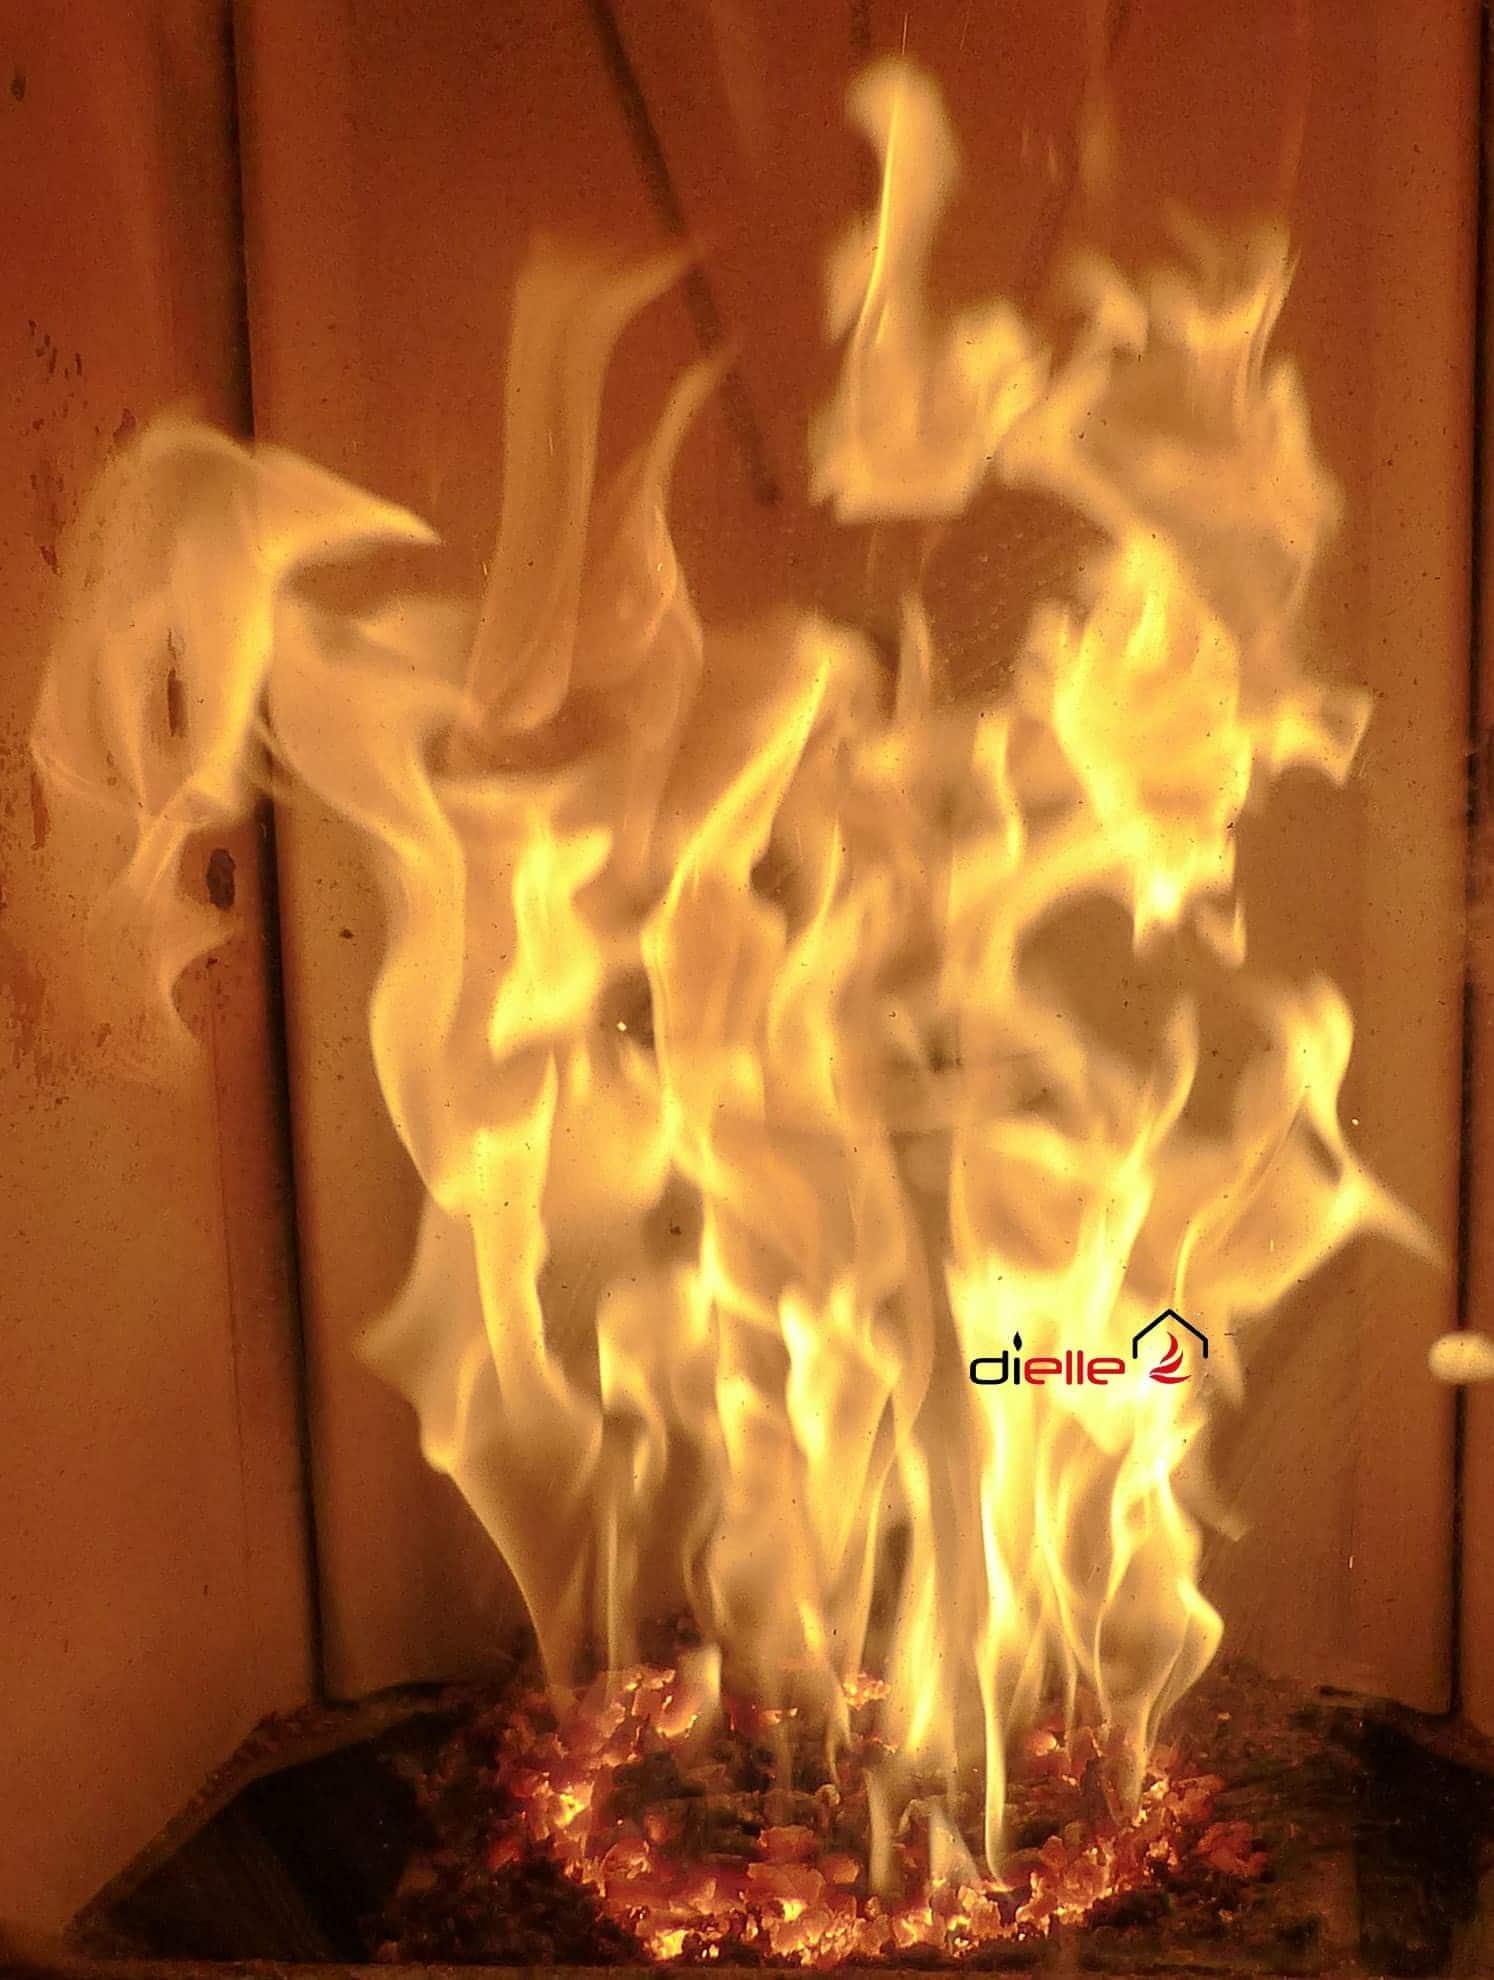 Vuurbeeld uit een Dielle pelletkachel